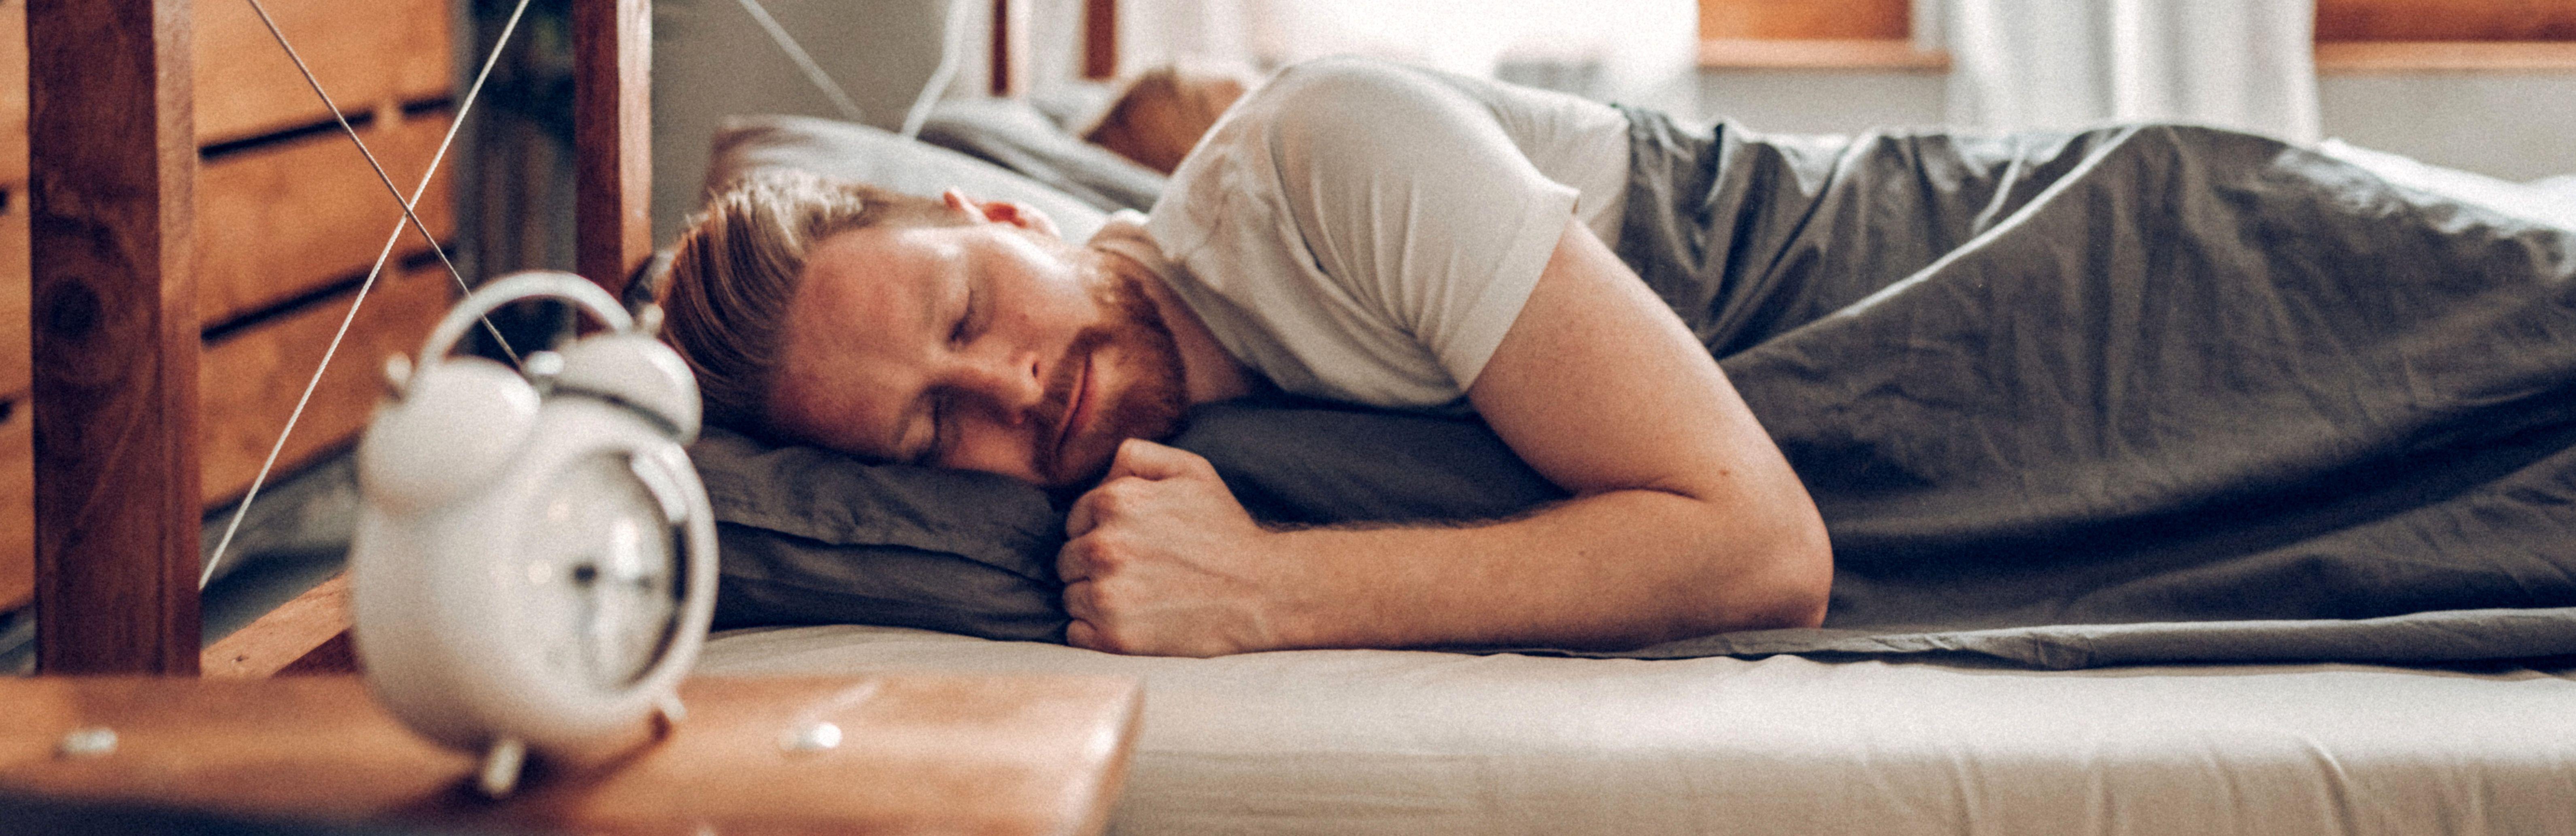 Хапчета за сън  и кога разбираме, че е настъпил моментът да прибегнем до тях